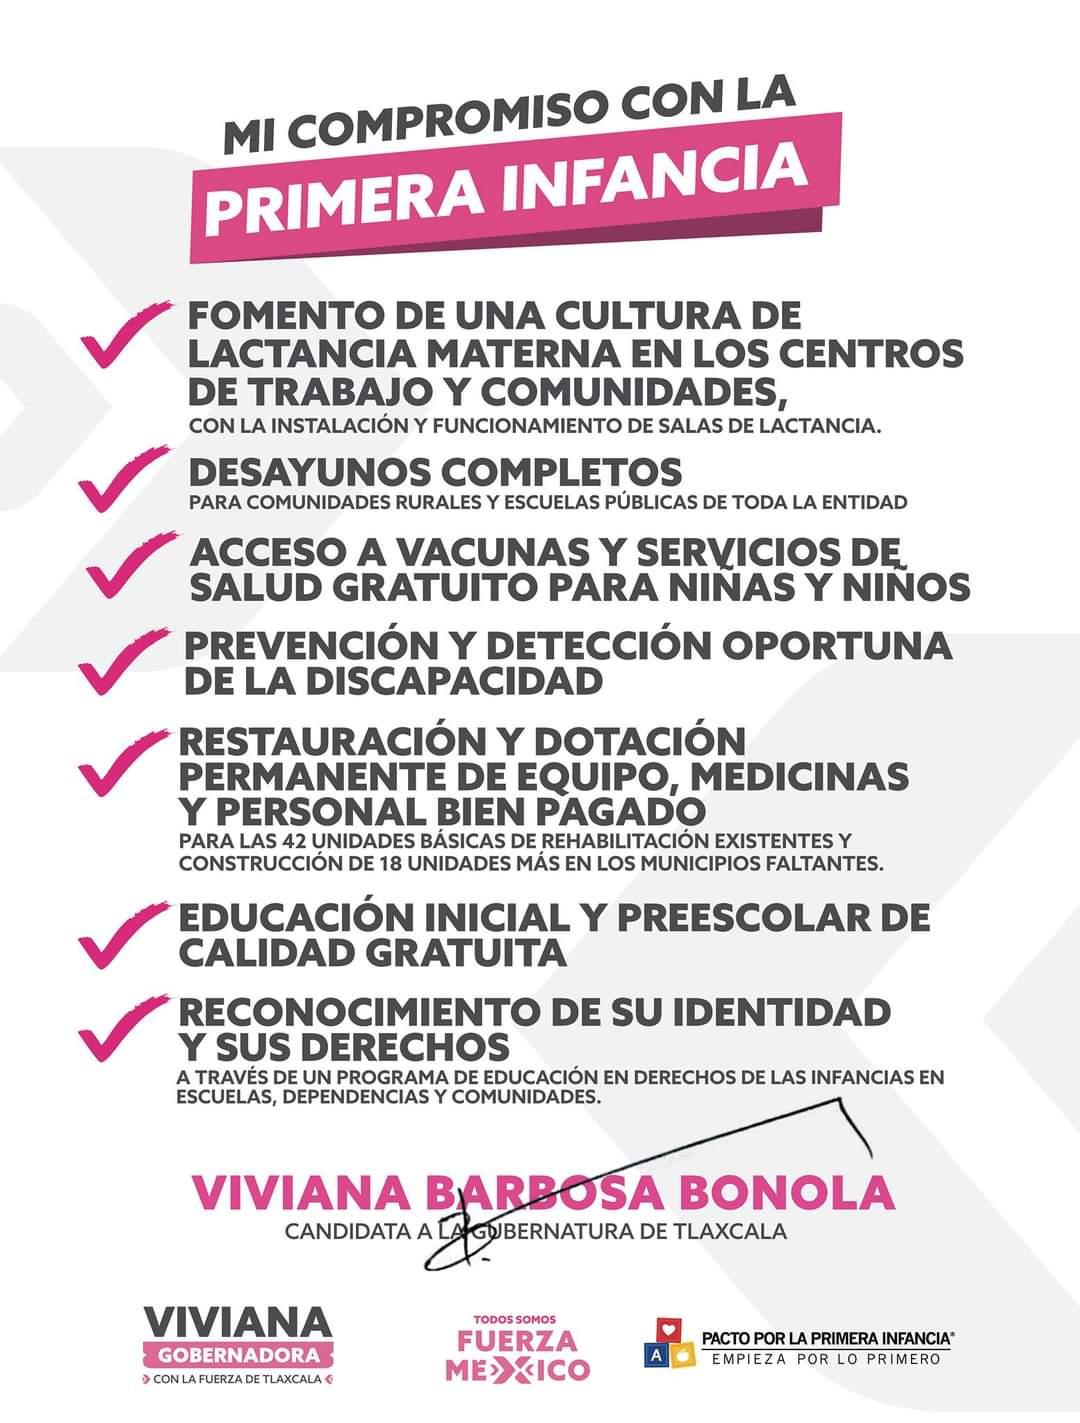 Viviana Barbosa desea a los niñ@s de Tlaxcala que disfruten hoy de su día